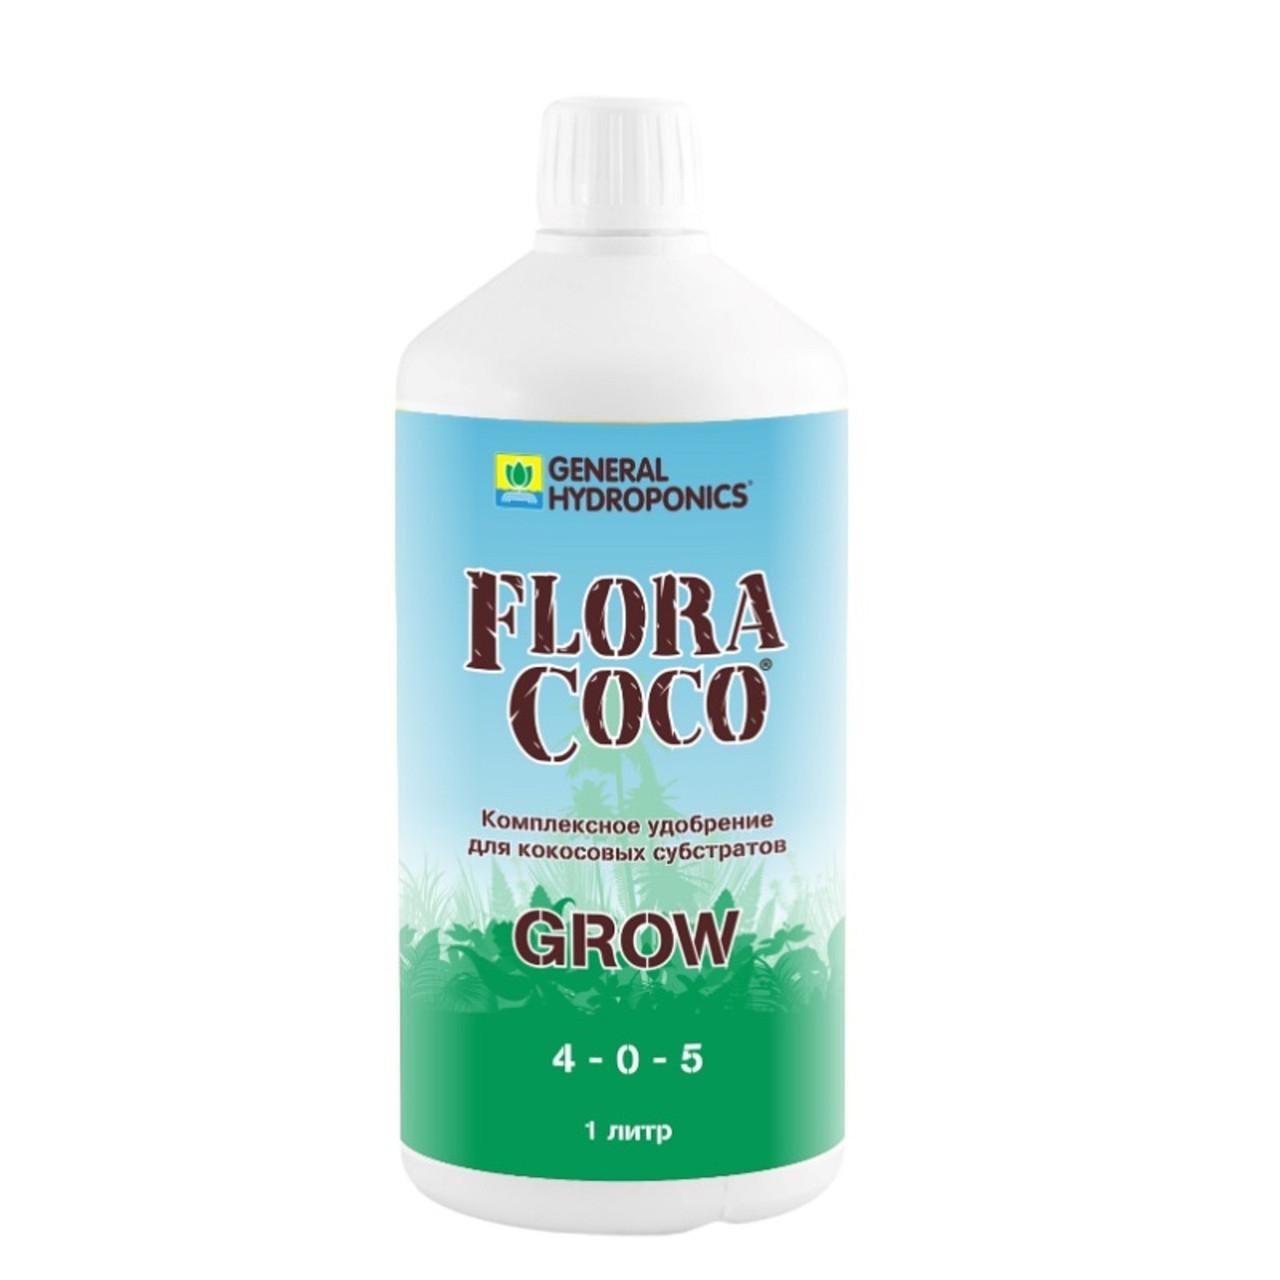 GHE FloraCoco Grow 1L. Оригинал. Минеральное удобрение для гидропоники. Франция